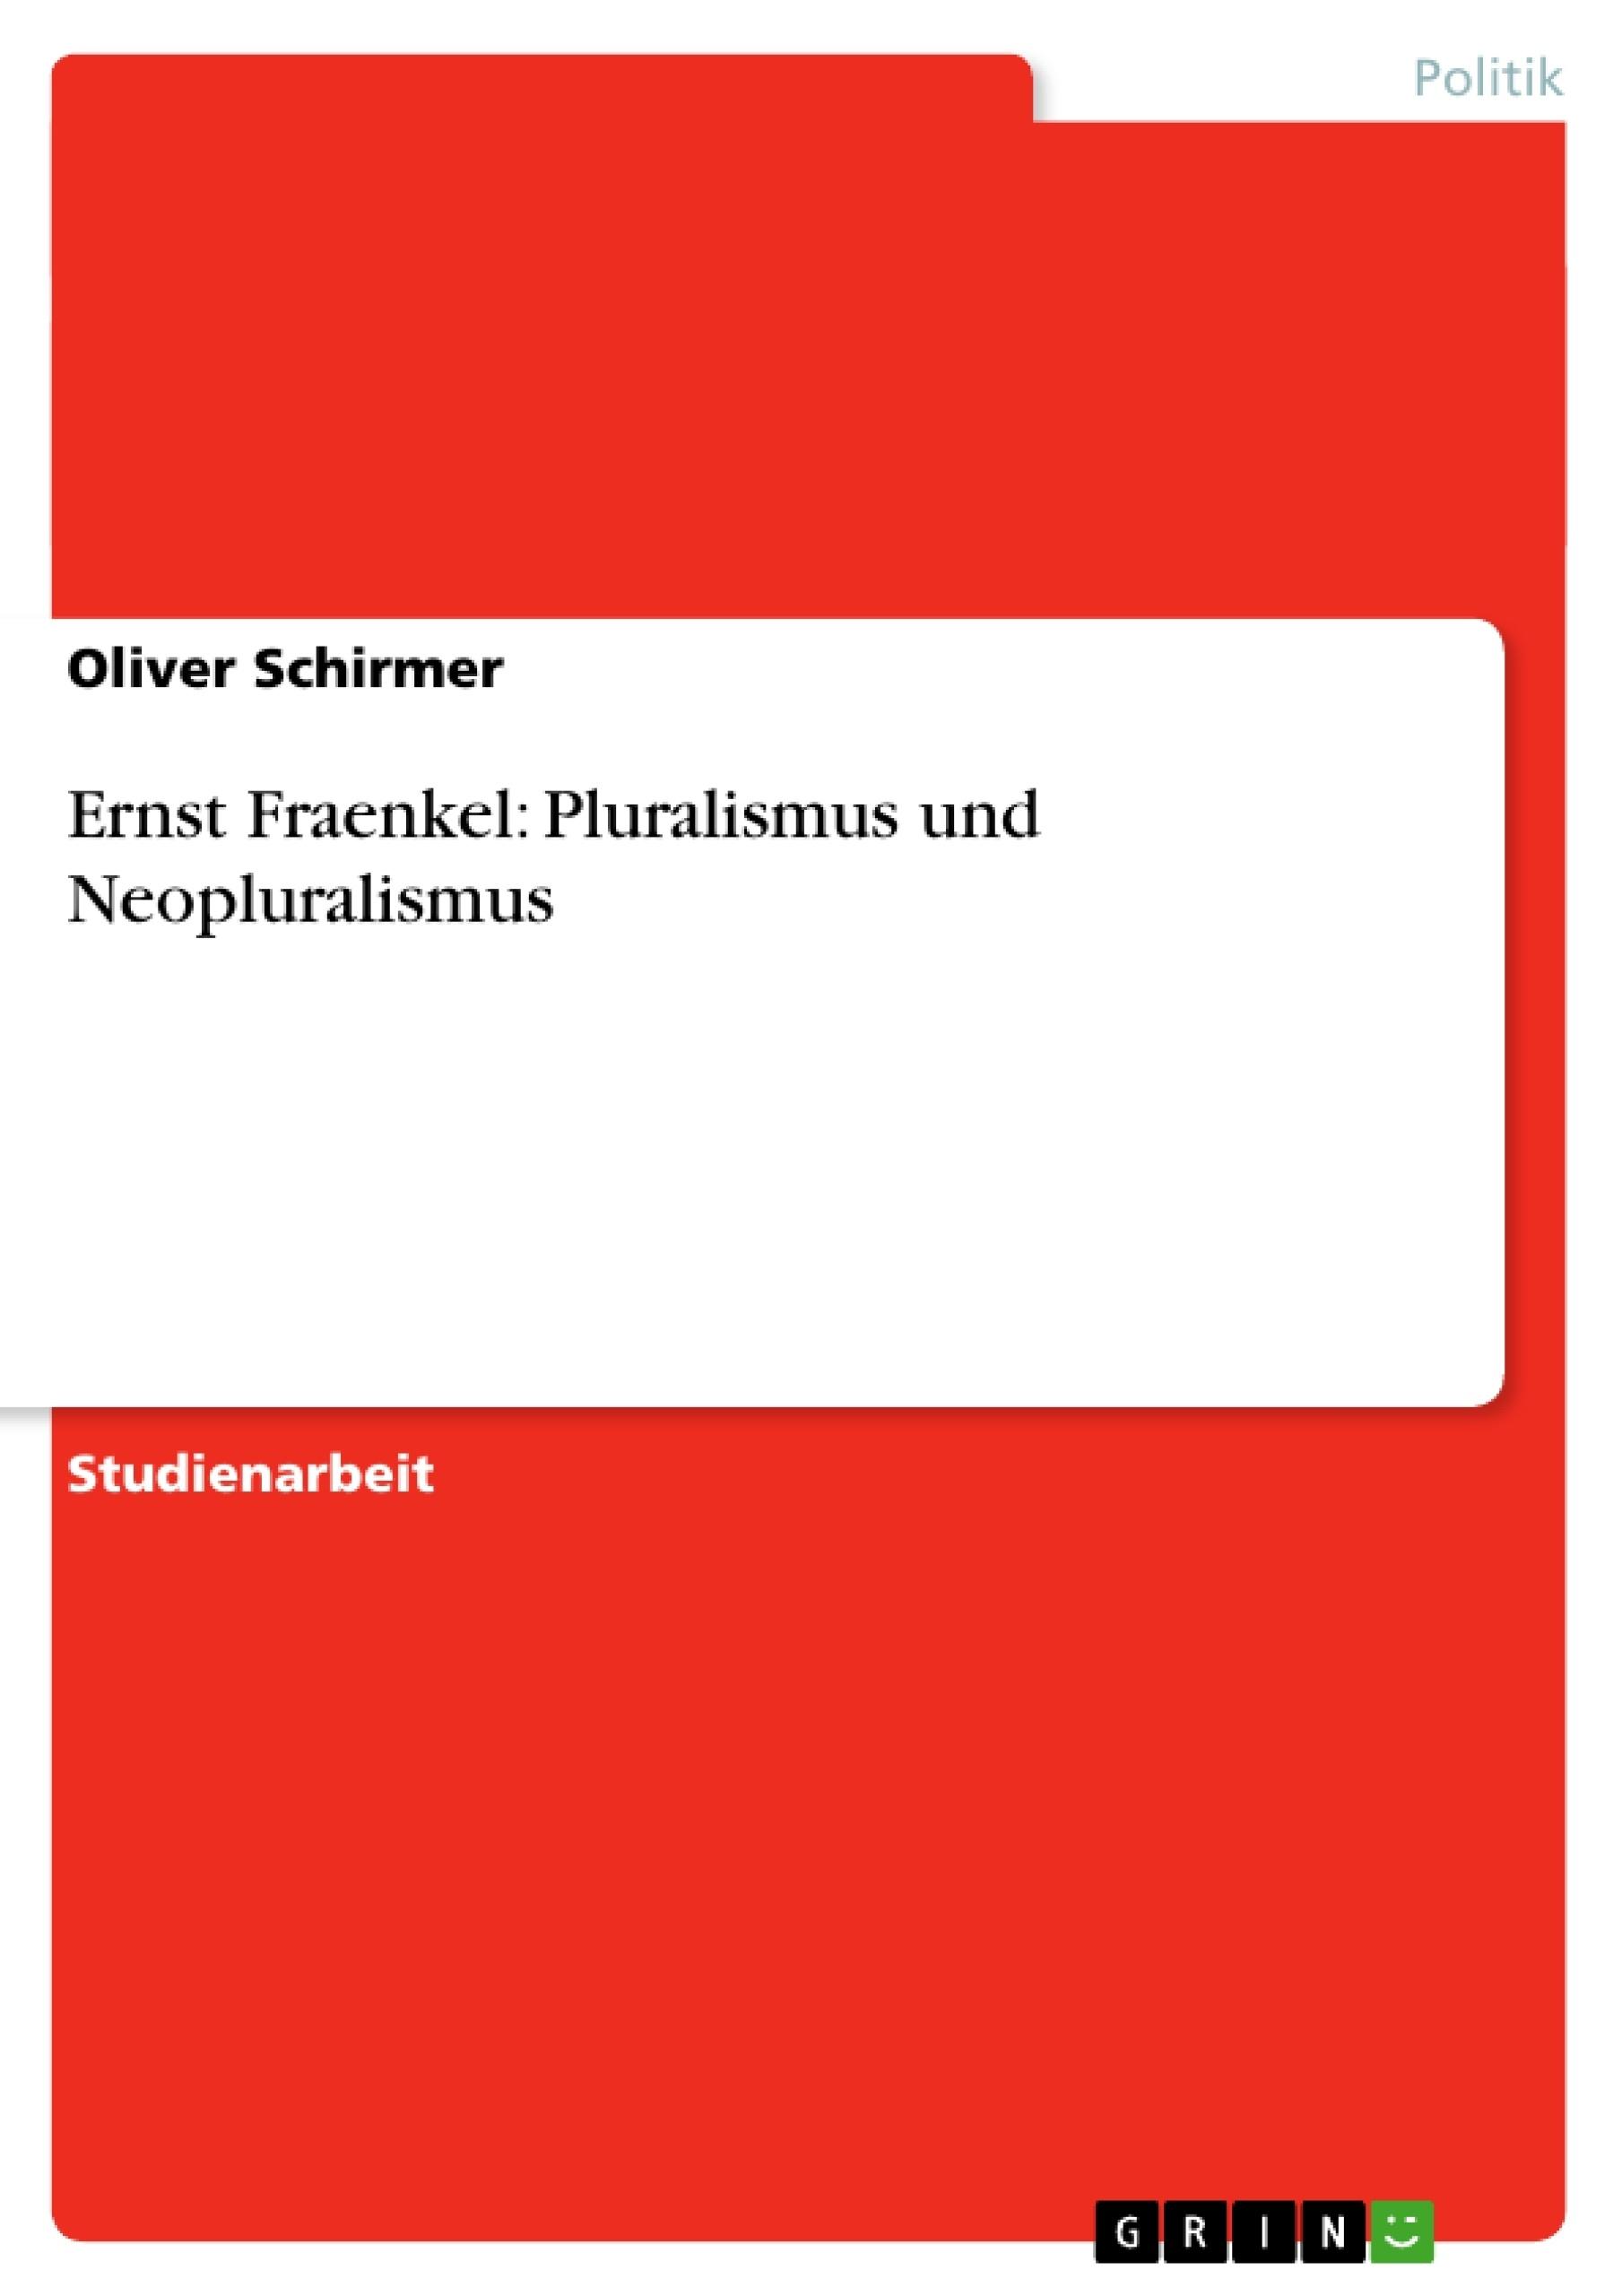 Titel: Ernst Fraenkel: Pluralismus und Neopluralismus